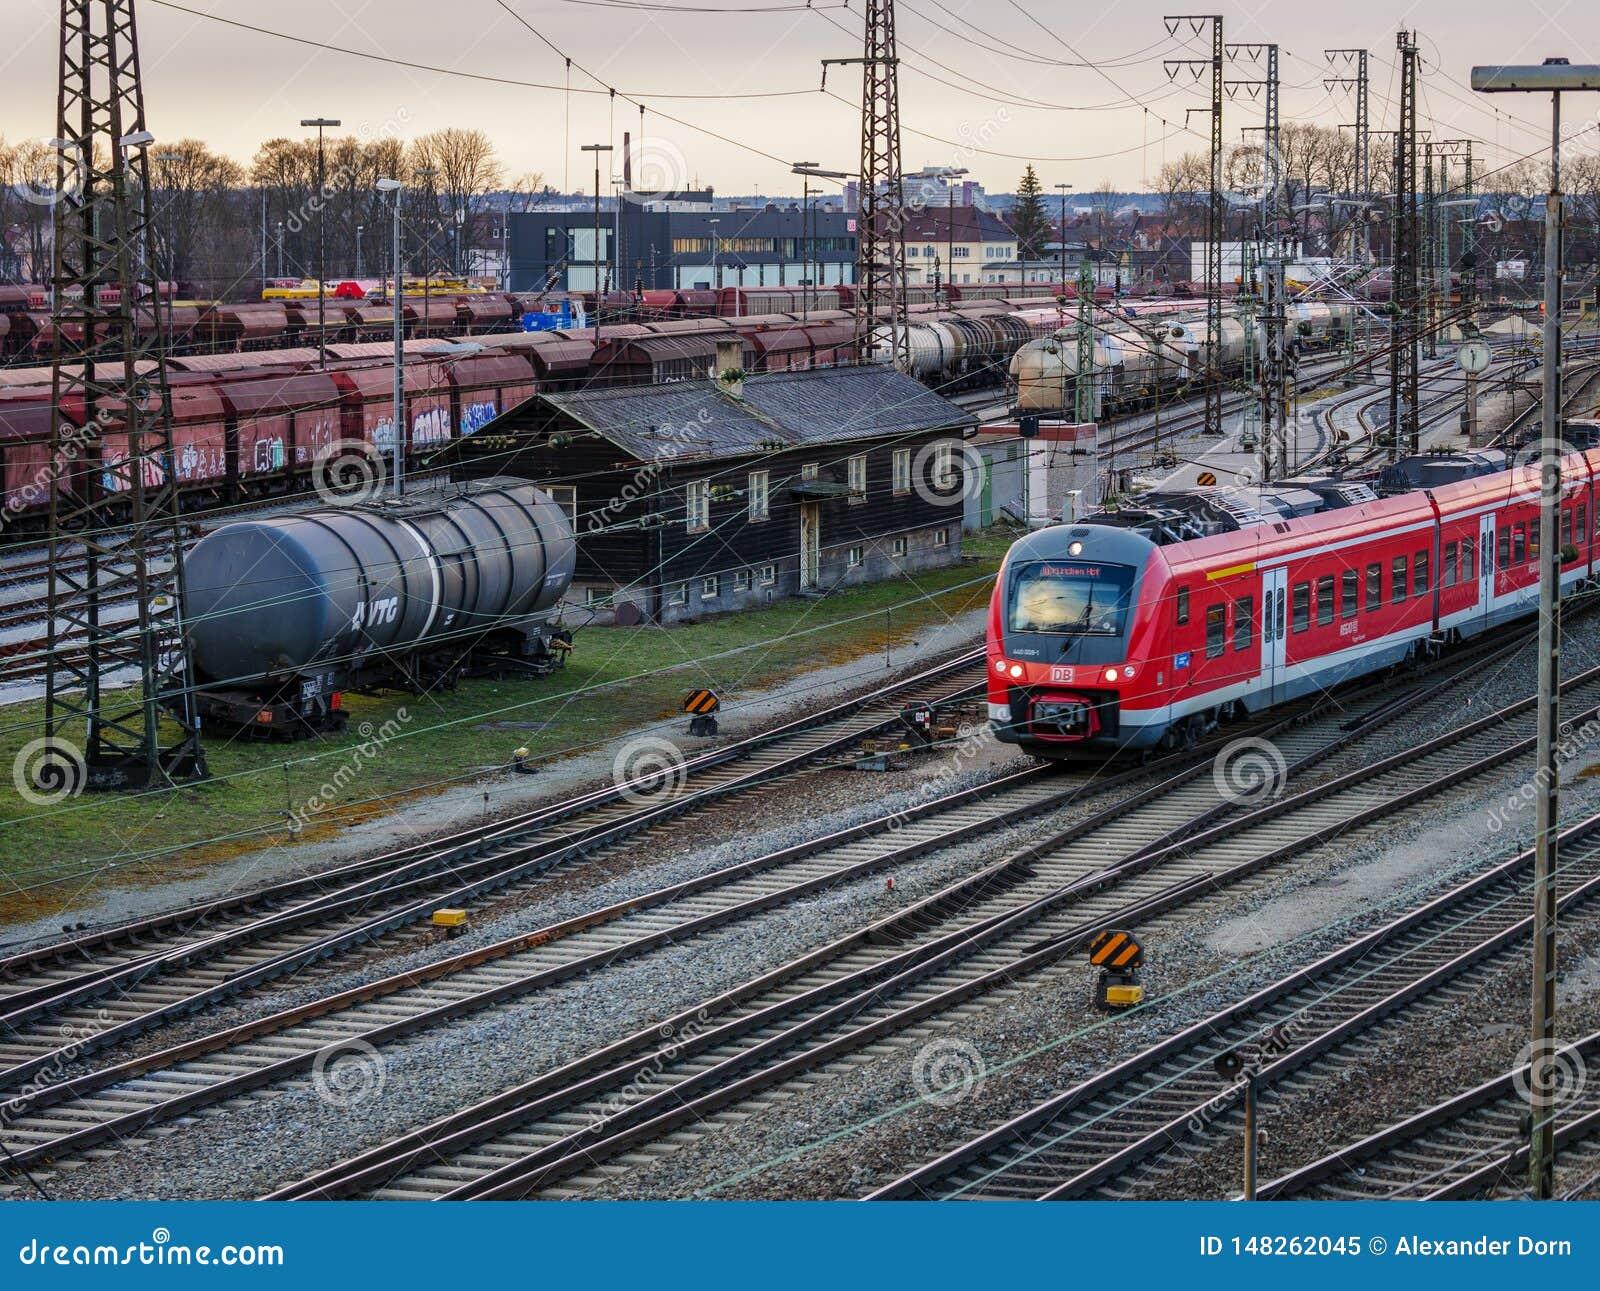 Augsburg, Duitsland - Maart 03, 2018: Rode regionale trein van de Duitse spoorwegdienst Deutsche Bahn op sporen in